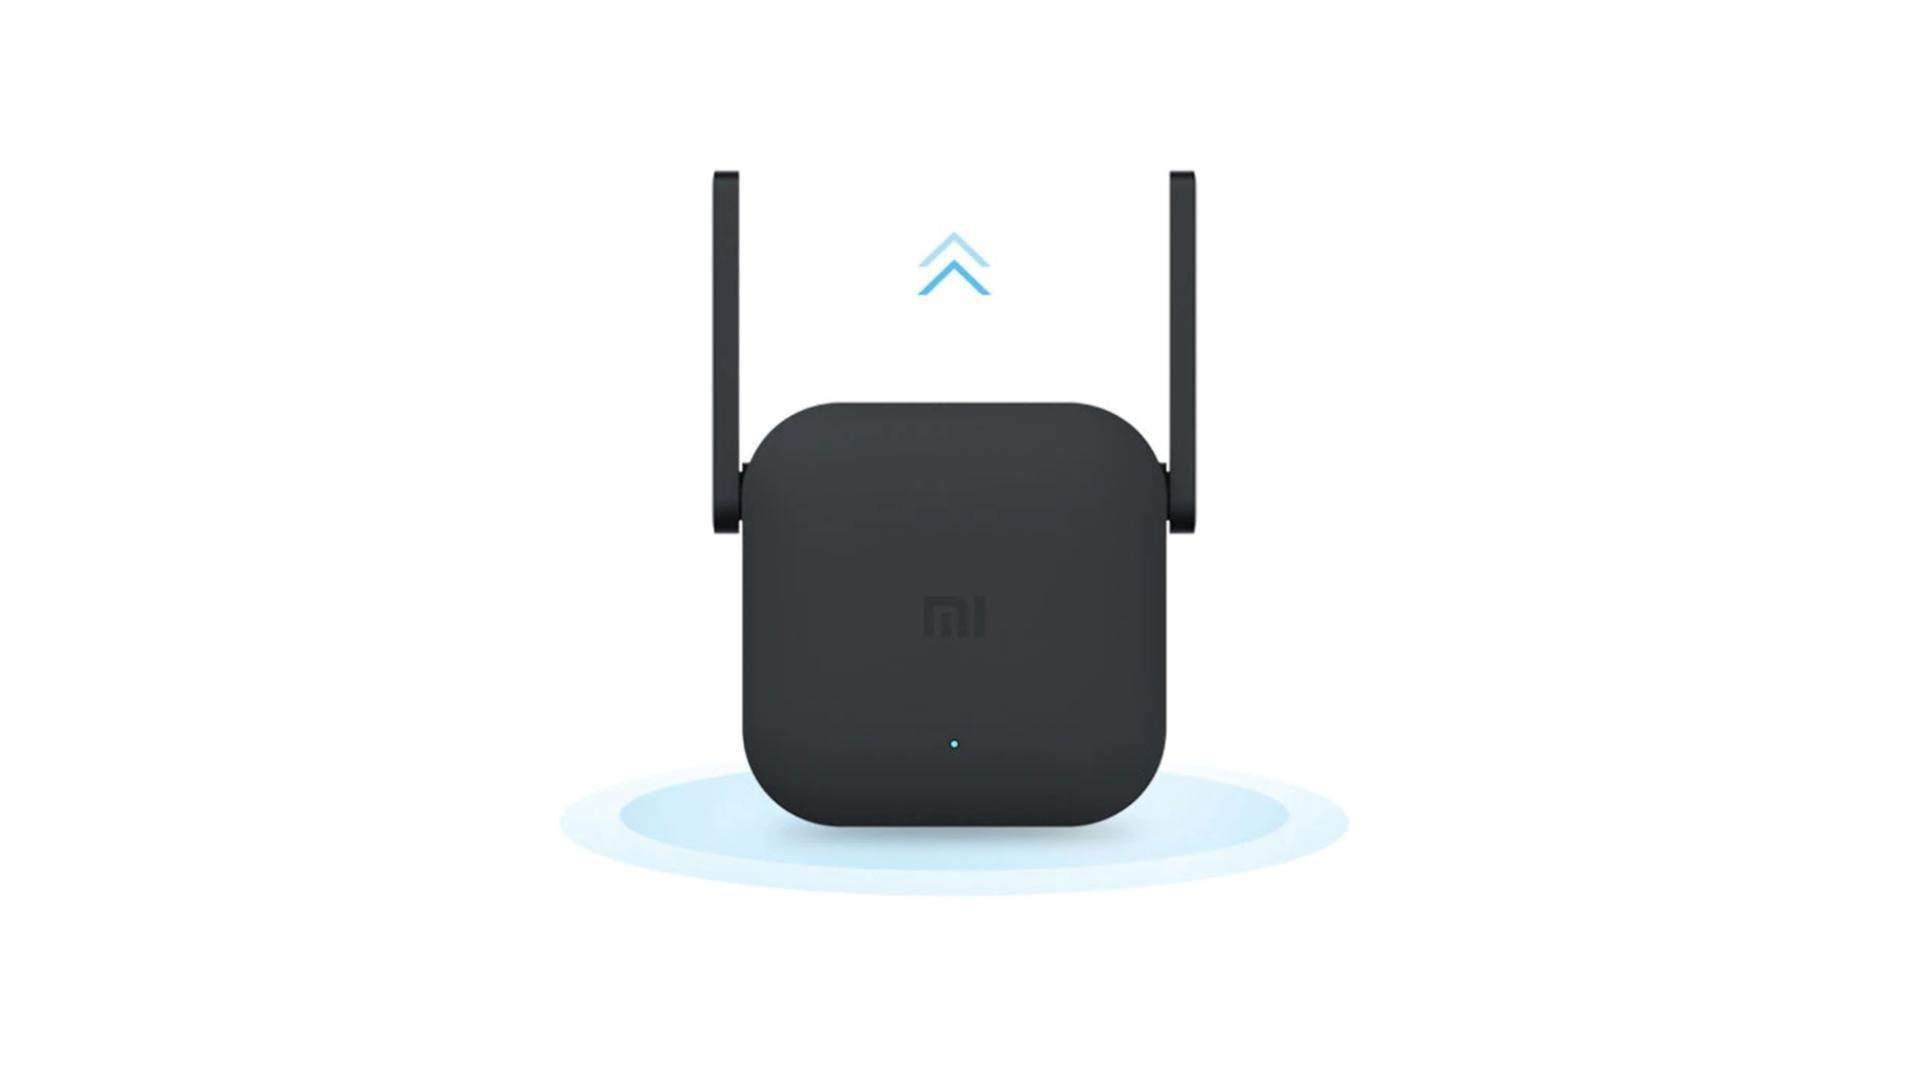 Ce répéteur Wi-Fi Xiaomi coûte moins de 10 euros | Journal du Geek